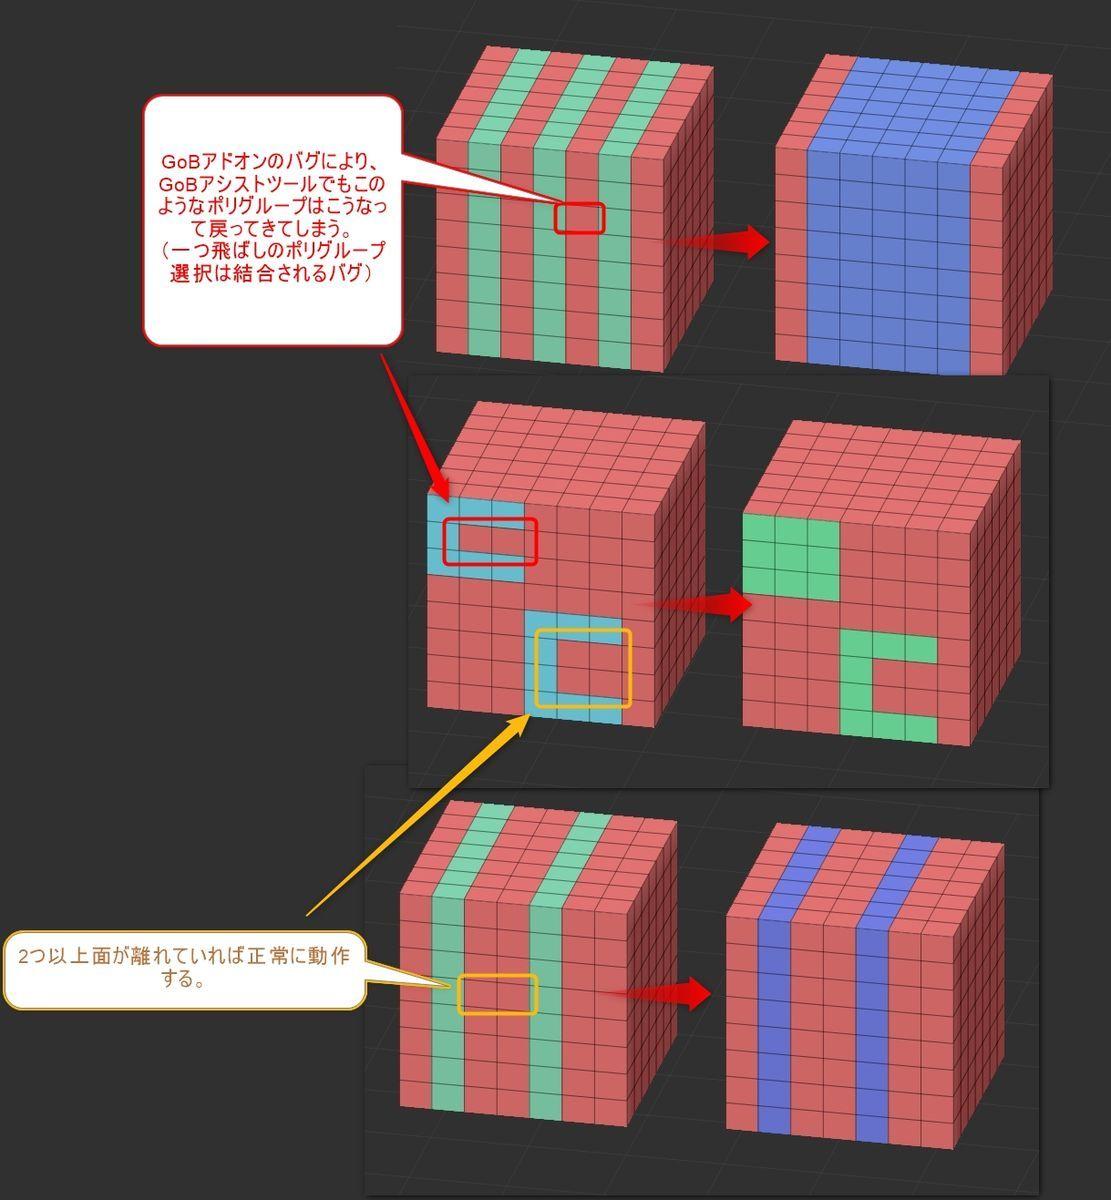 f:id:yamato-tsukasa:20200519212845j:plain